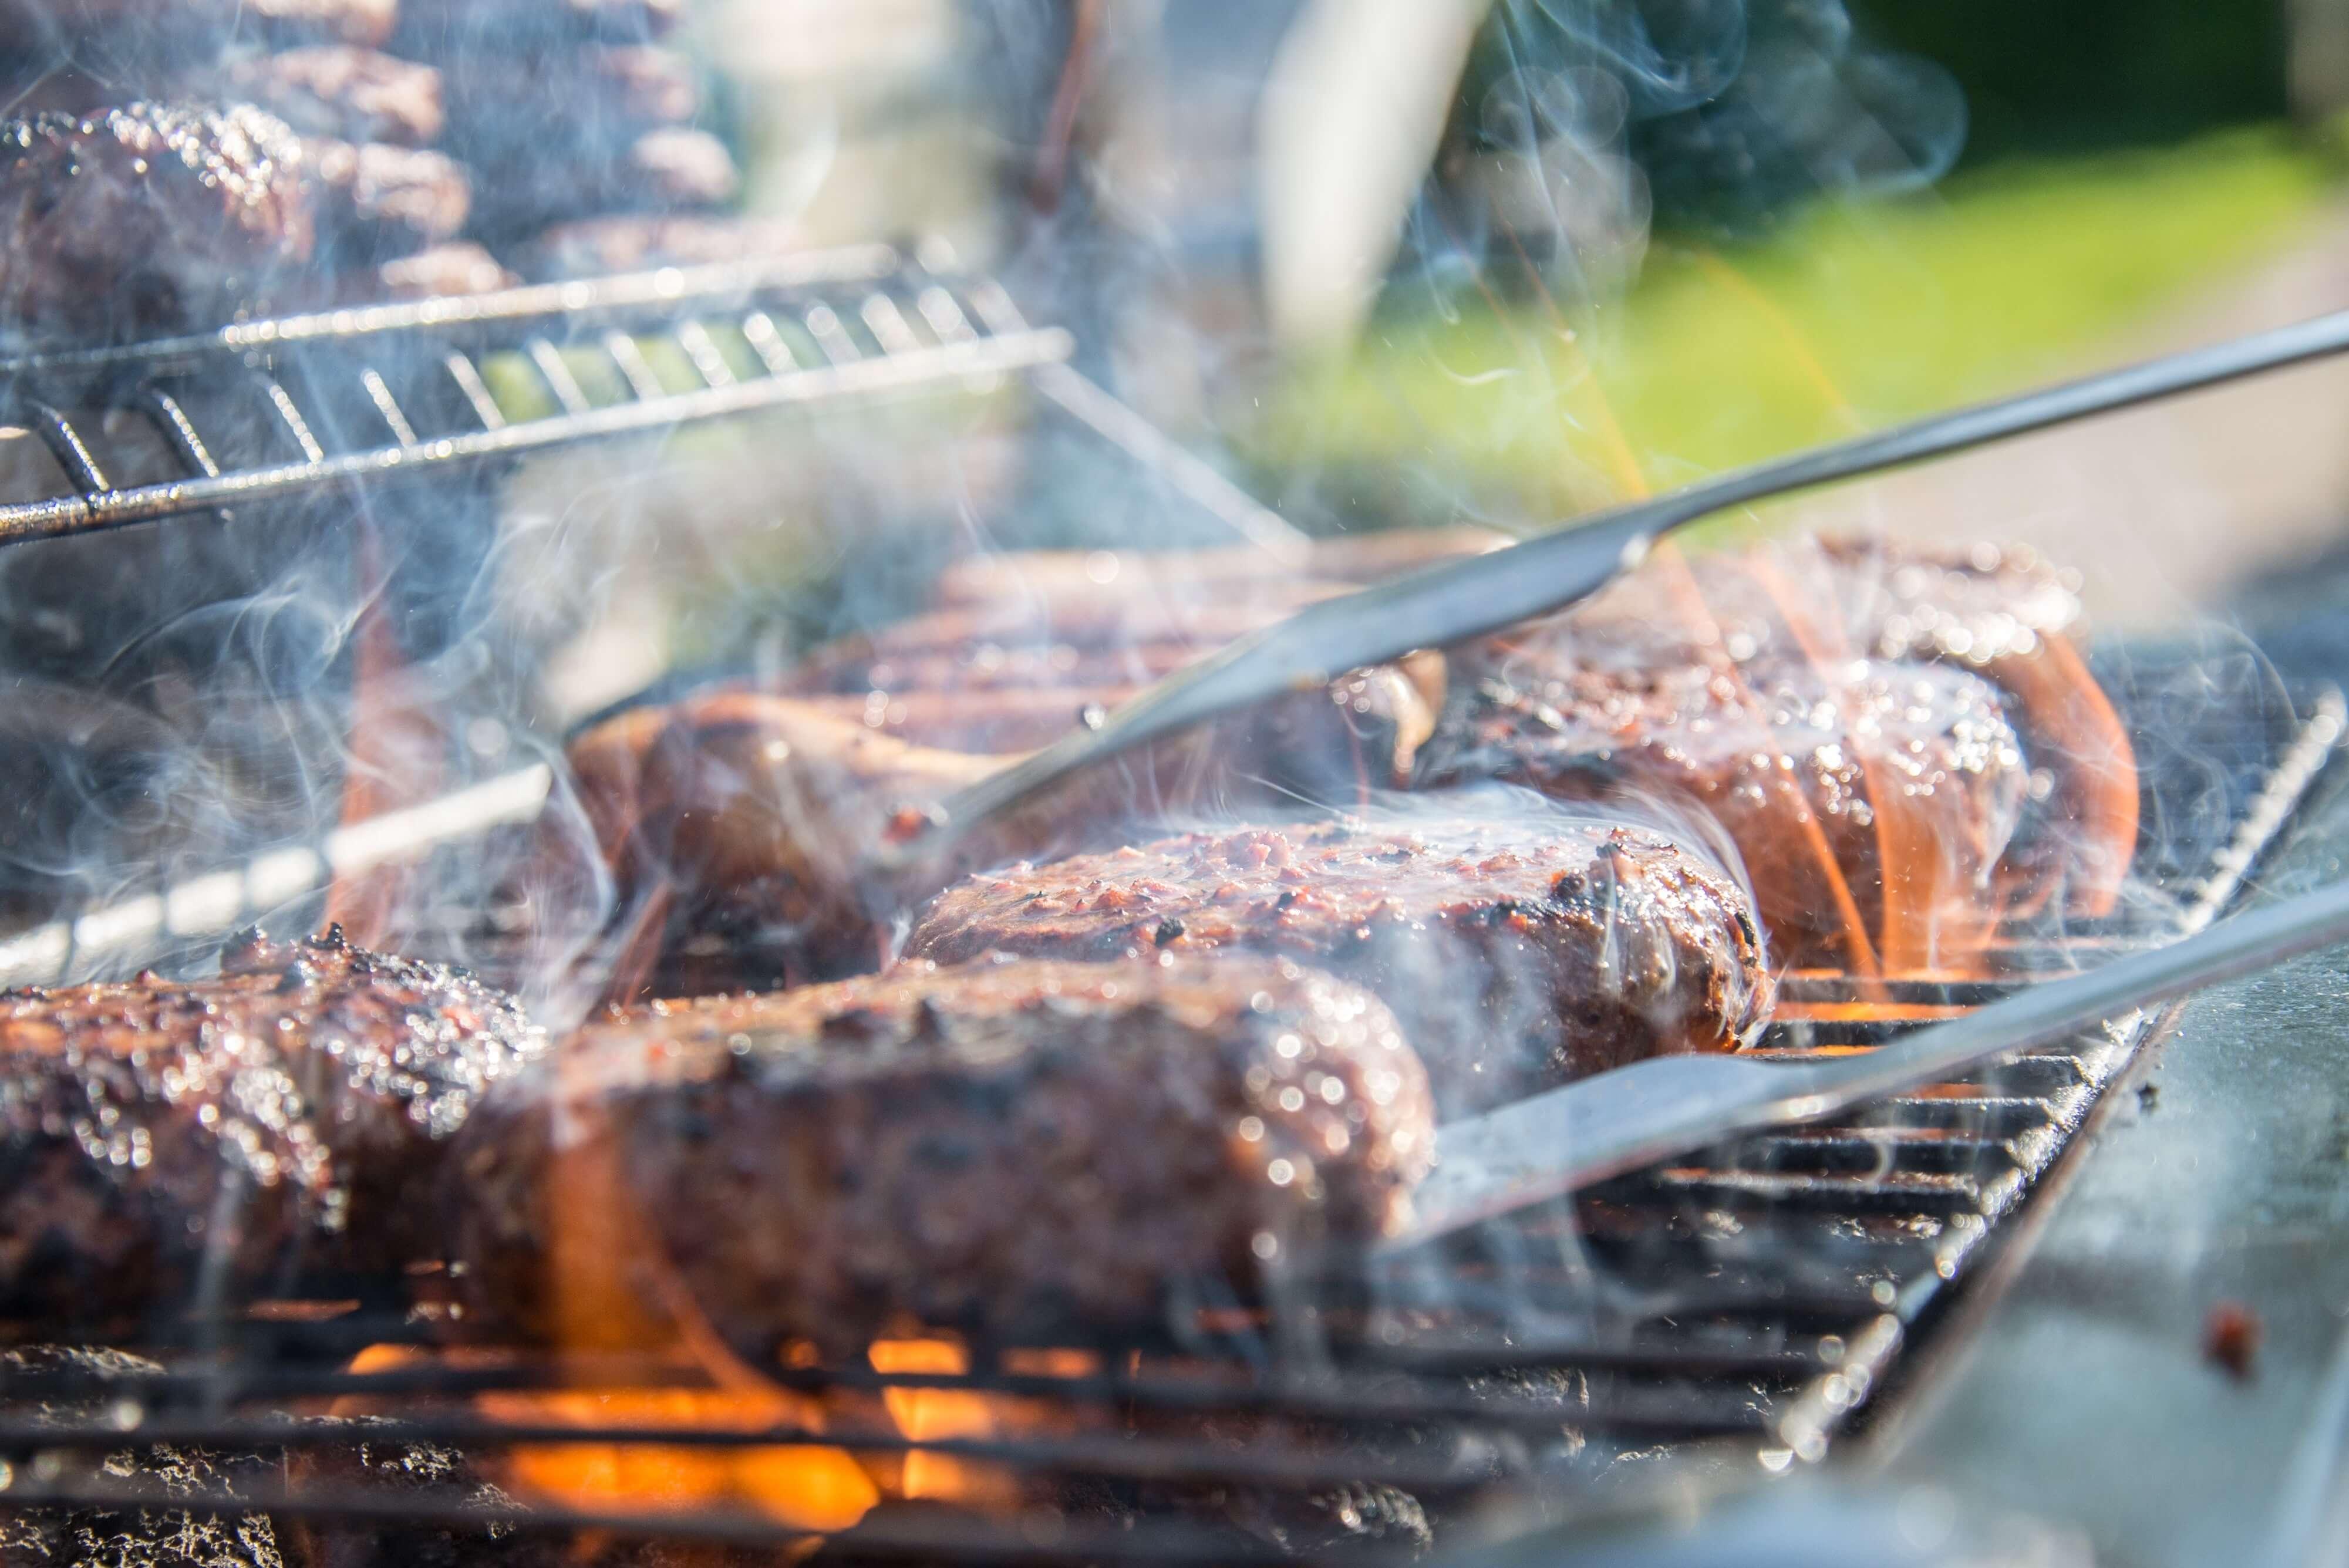 バーベキューコンロ上の肉